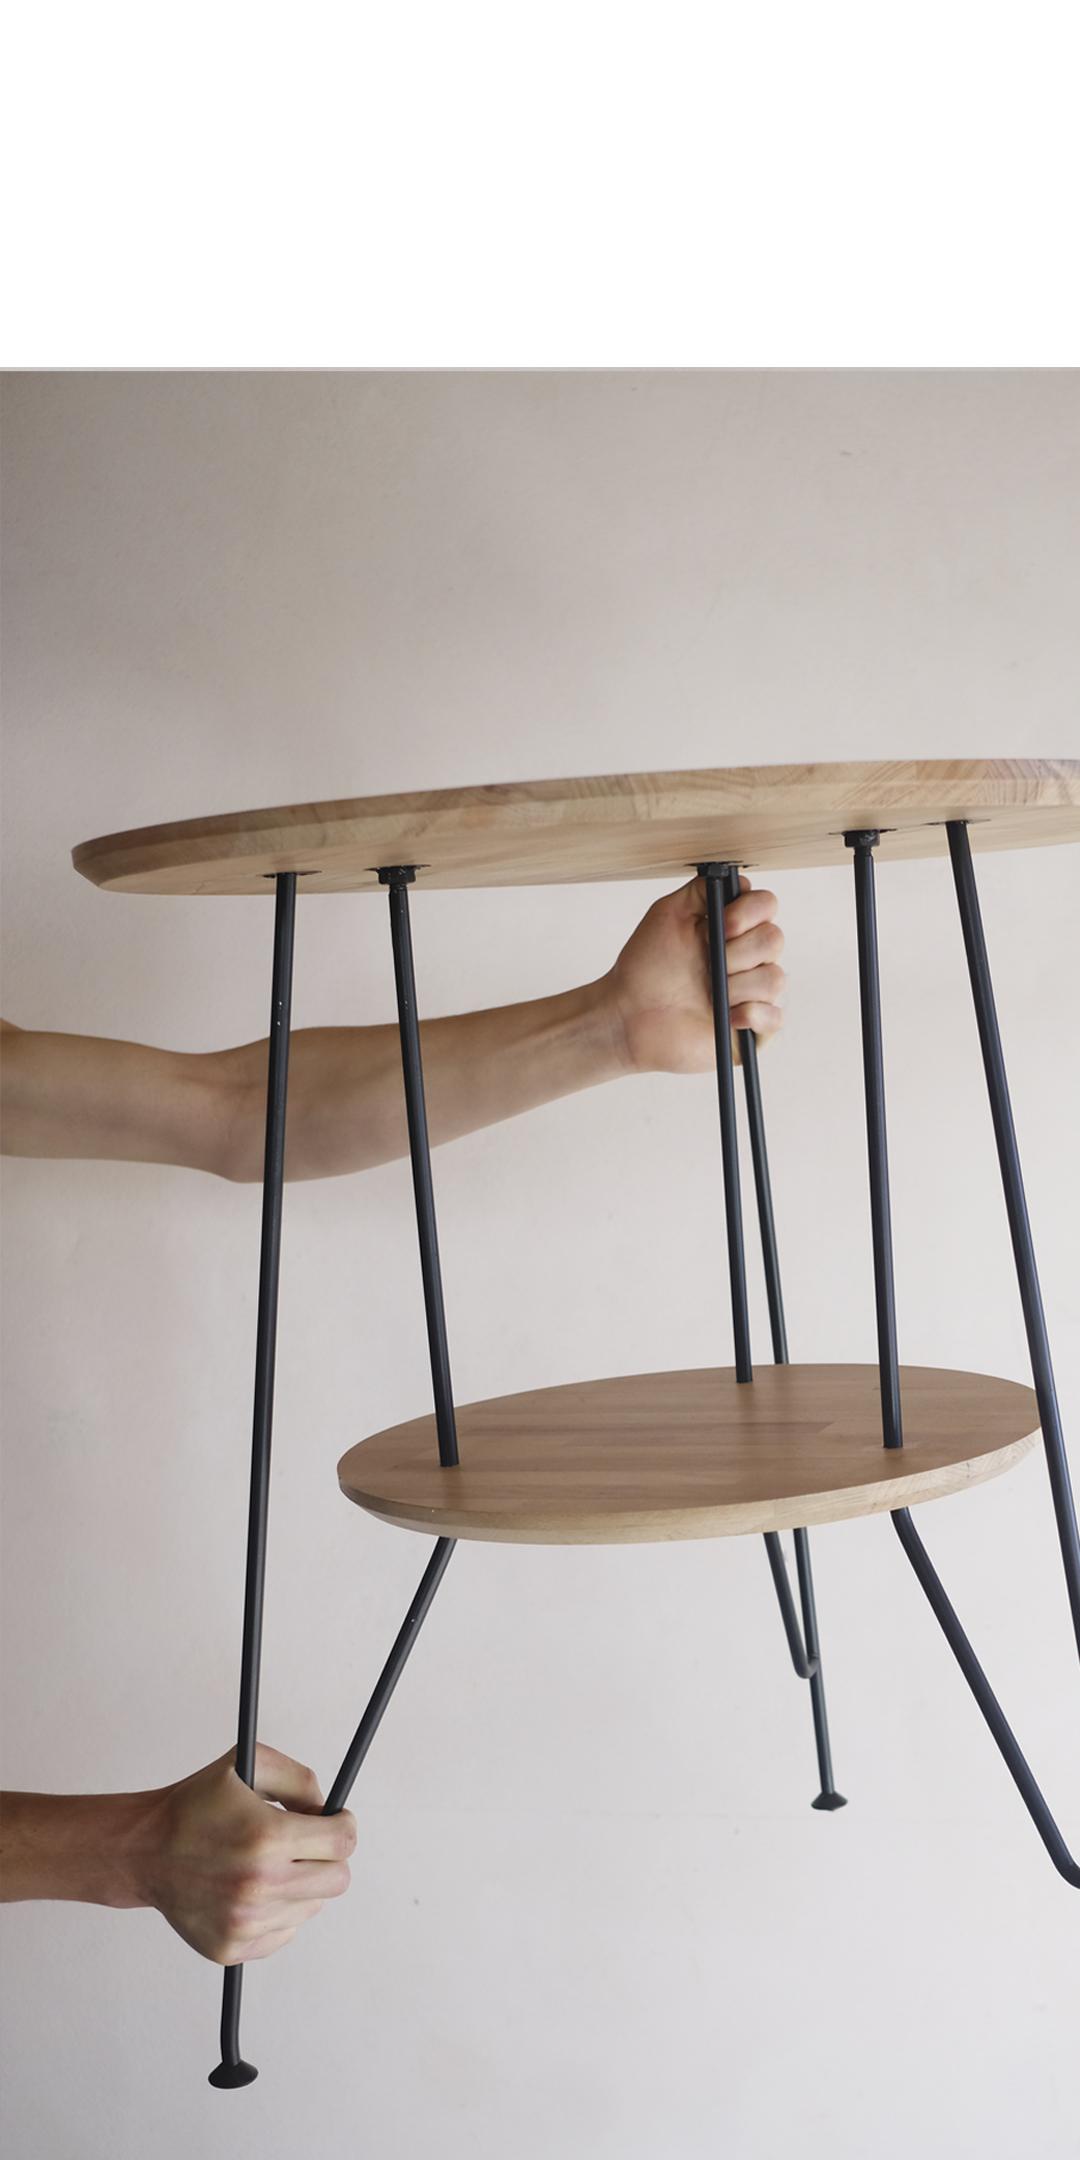 Tři svařované nohy, procházející skrz spodní desku. Obě kruhové desky jsou vyrobeny z dřevěné spárovky, ošetřené transparentním lakem. Ocelová konstrukce v matném černém laku. Výška stolu 66,5cm, Průměr desky 60 cm, průměr spodní desky 40 cm.